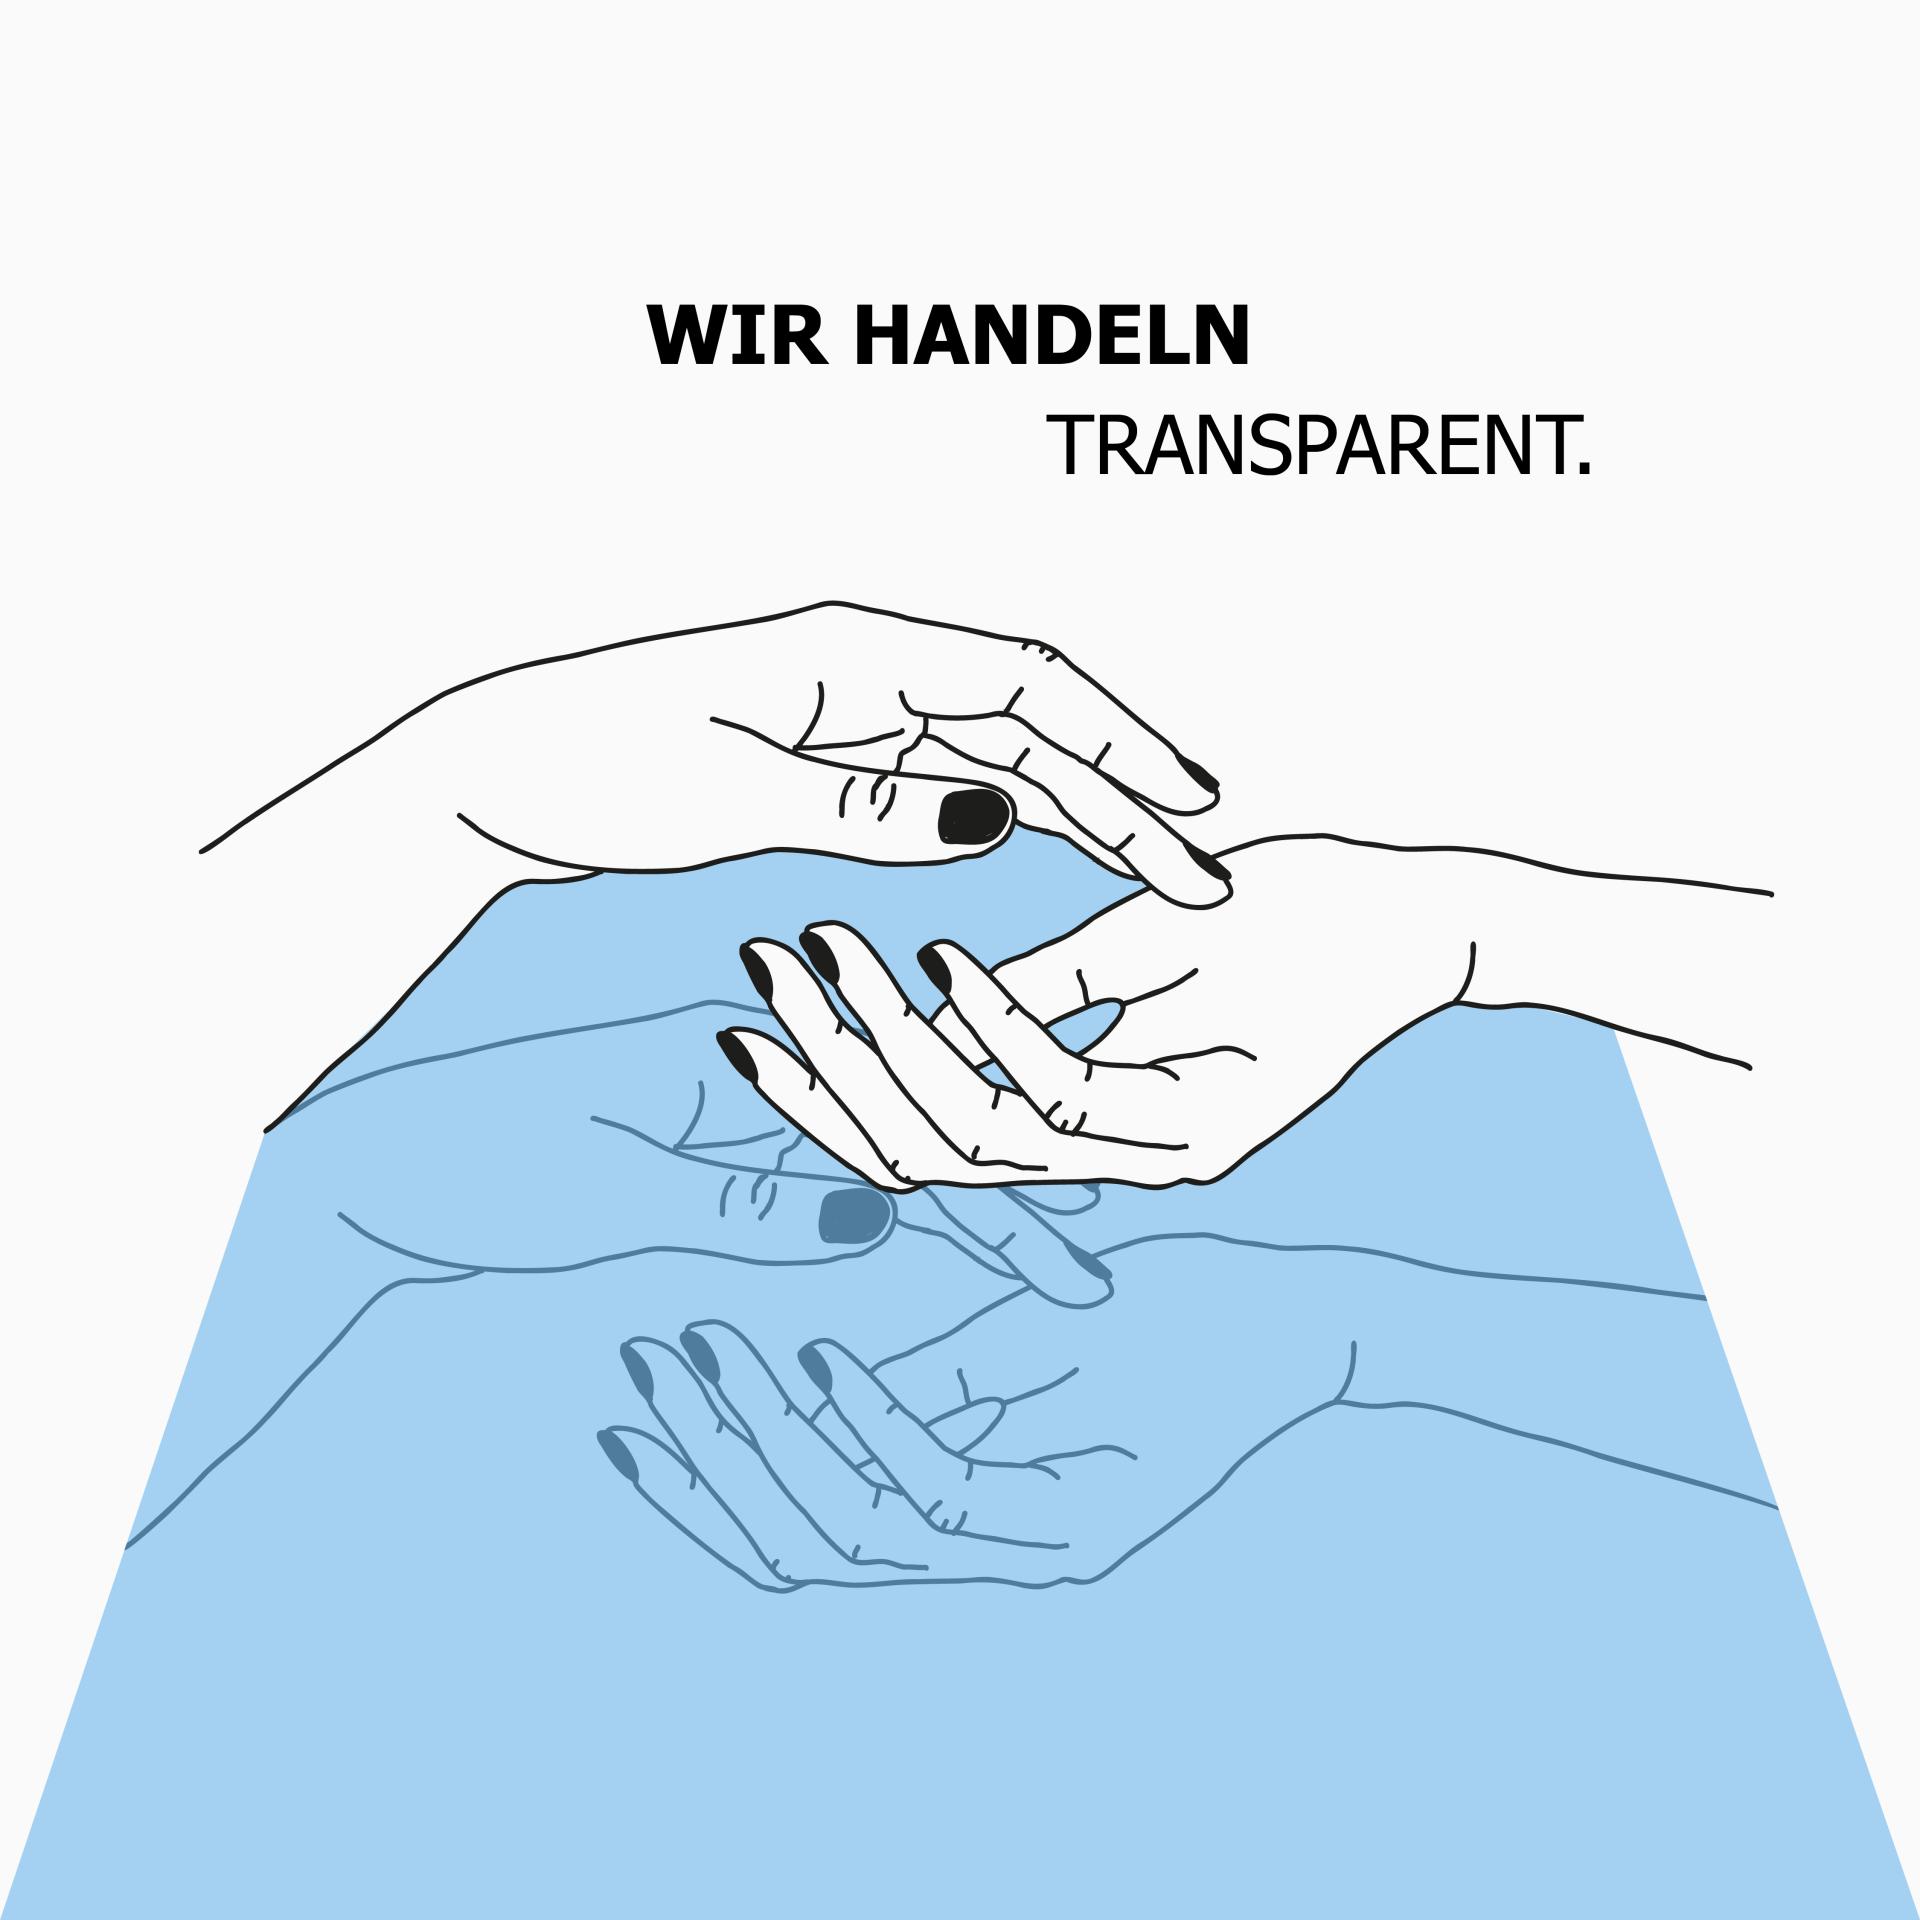 """grafik zwei hände, darunter eine hellblaue fläche mit denselben händen heller & text """"wir handeln transparent"""""""